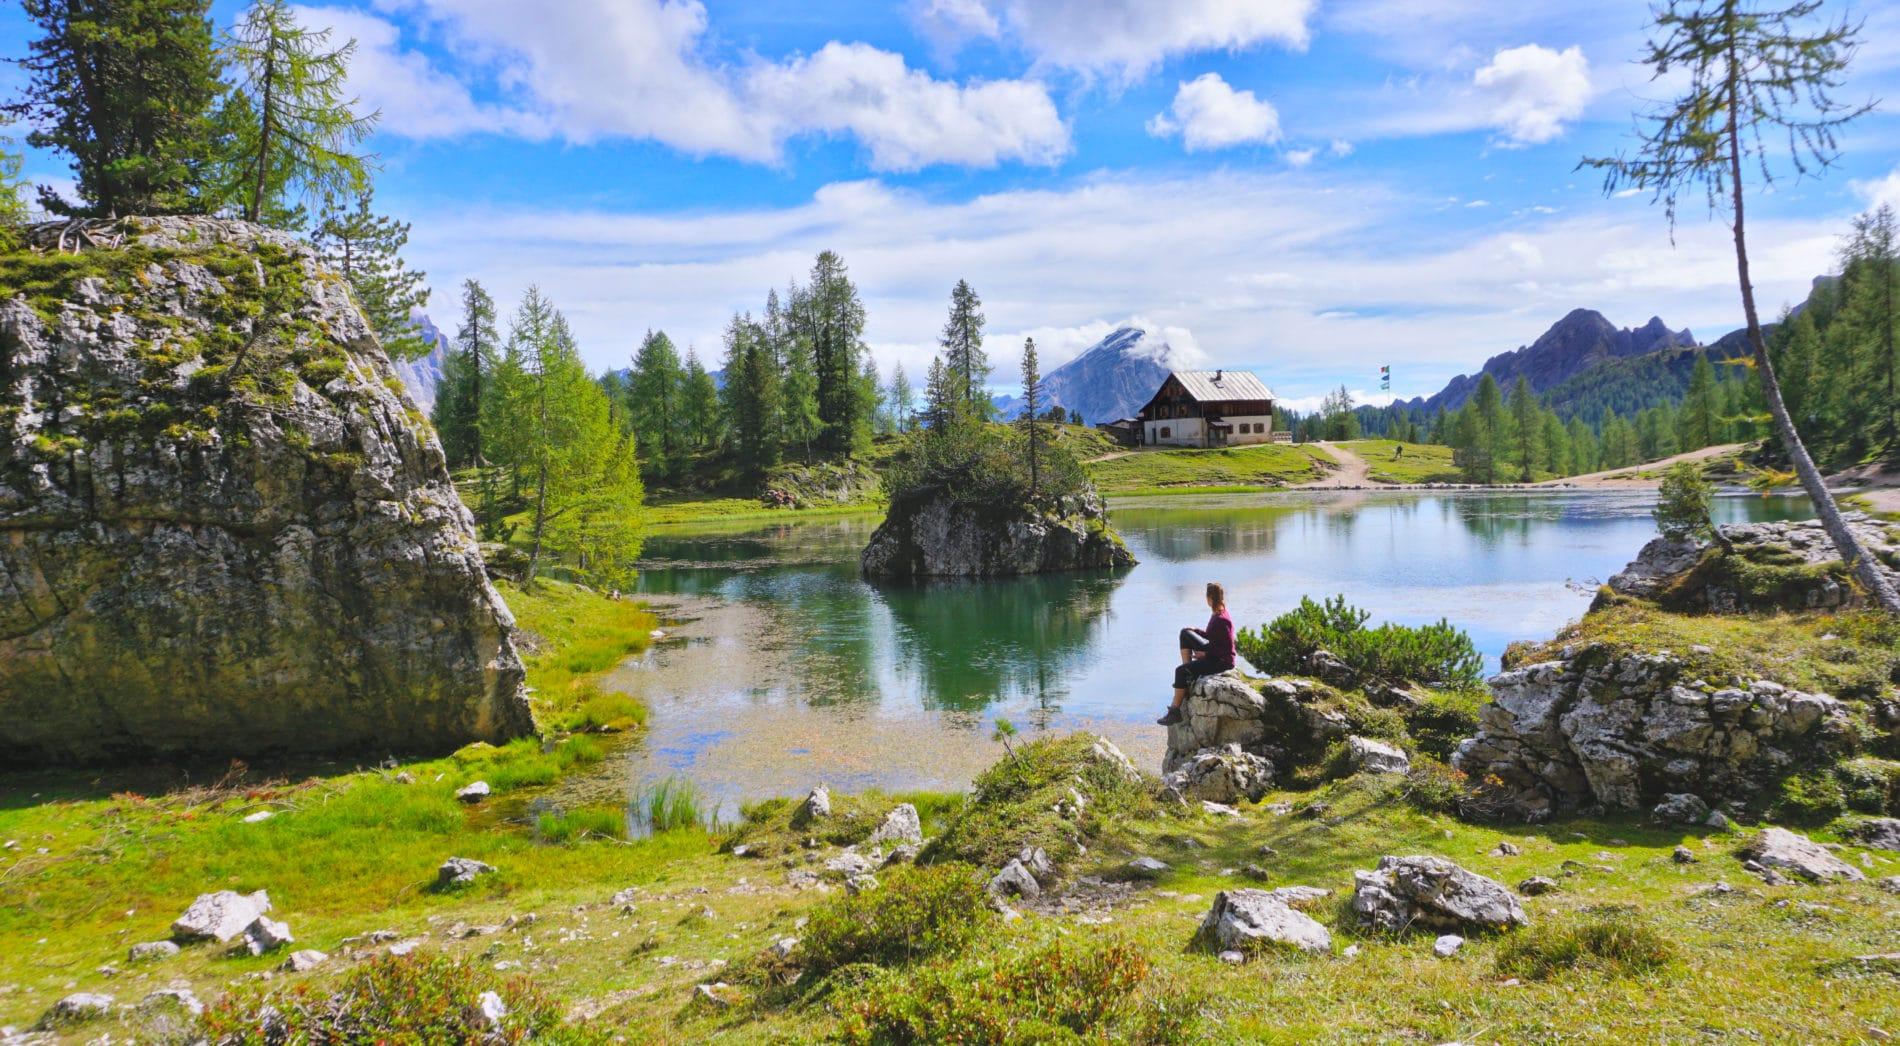 Tageswanderung um die Croda da Lago – ein Naturparadies